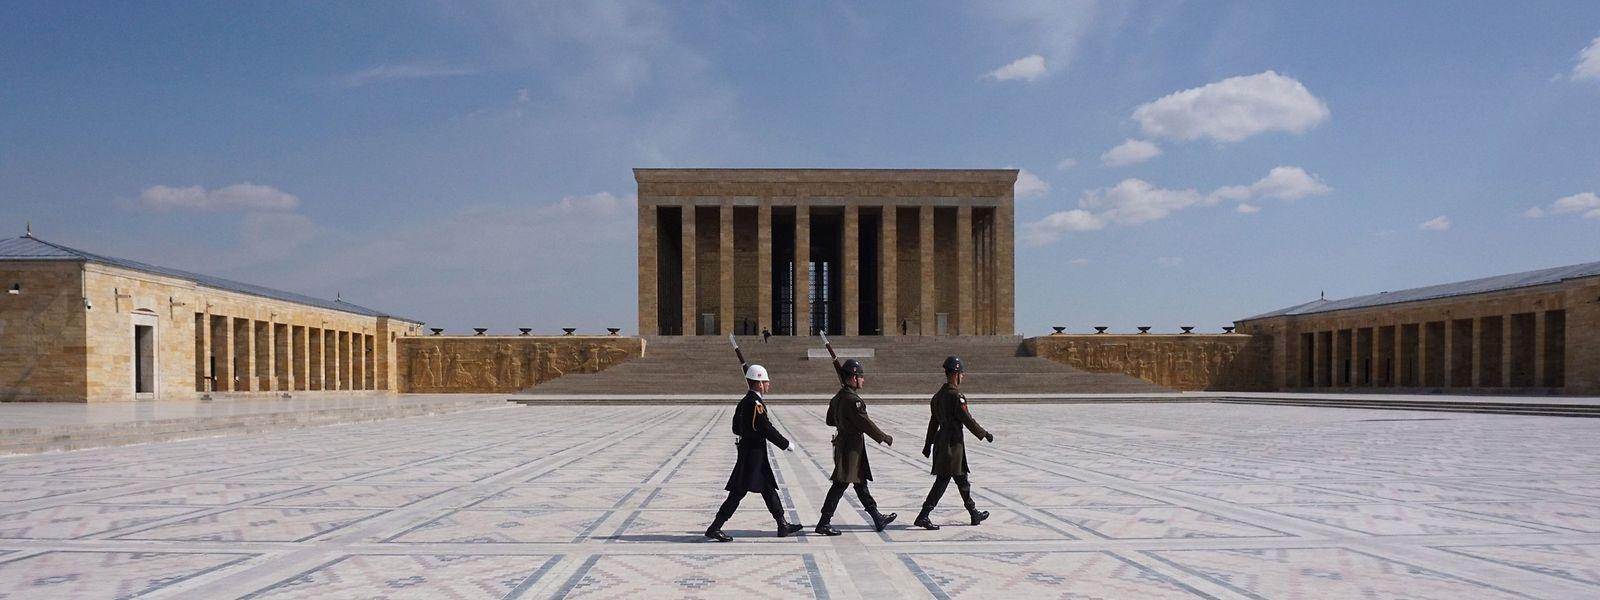 Soldaten vor dem Mausoleum von Staatsgründer Mustafa Kemal Atatürk in Ankara.